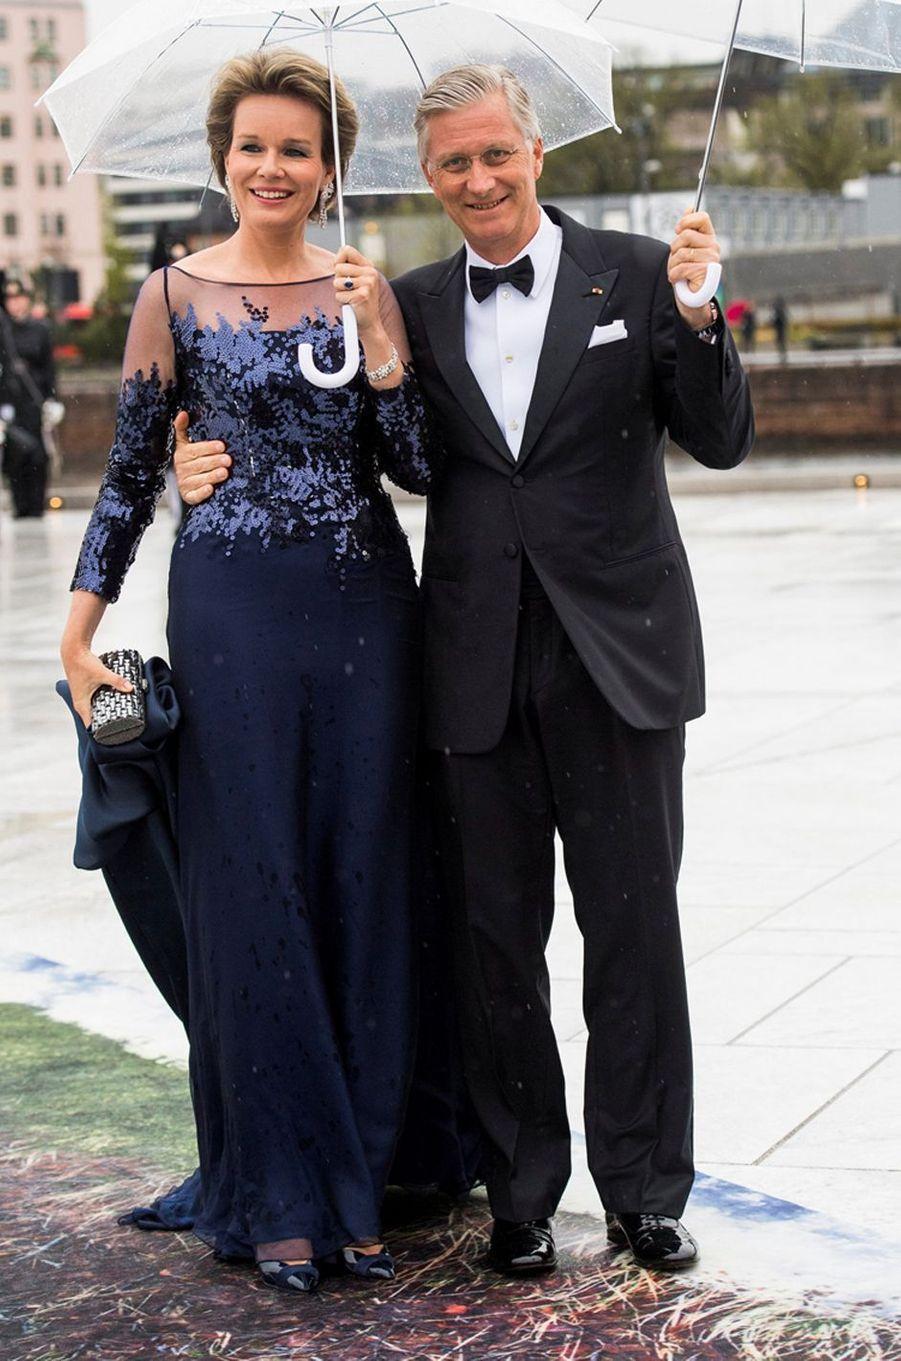 La reine Mathilde de Belgique à Oslo le 10 mai 2017